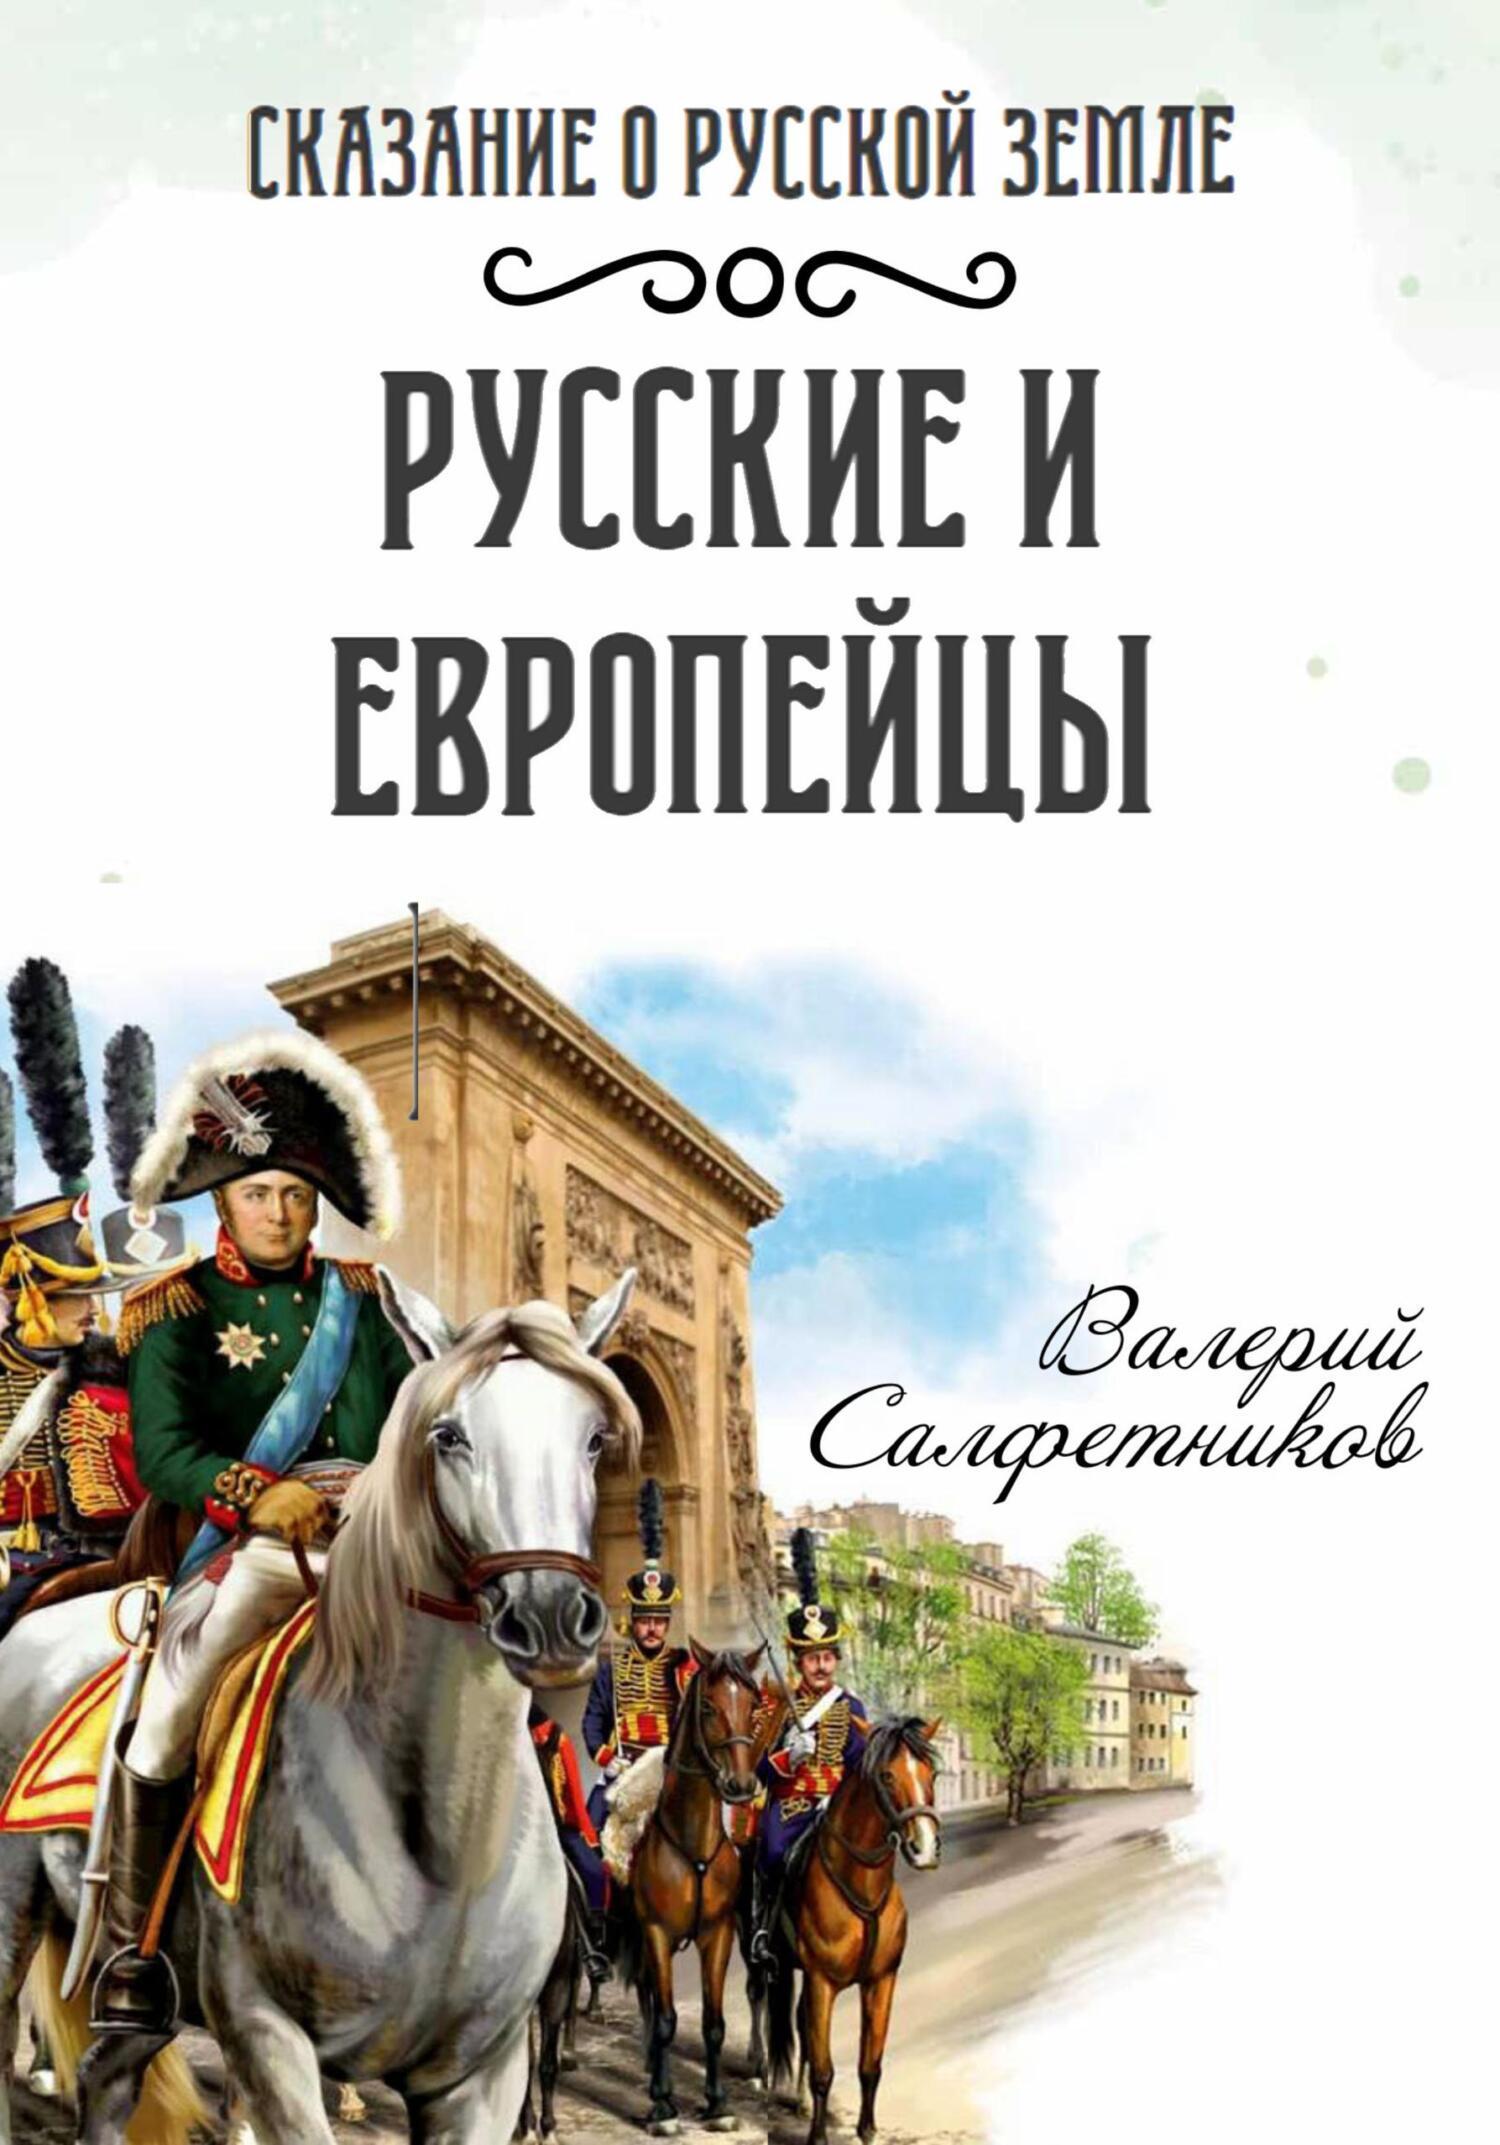 Сказание о русской земле. Русские и европейцы